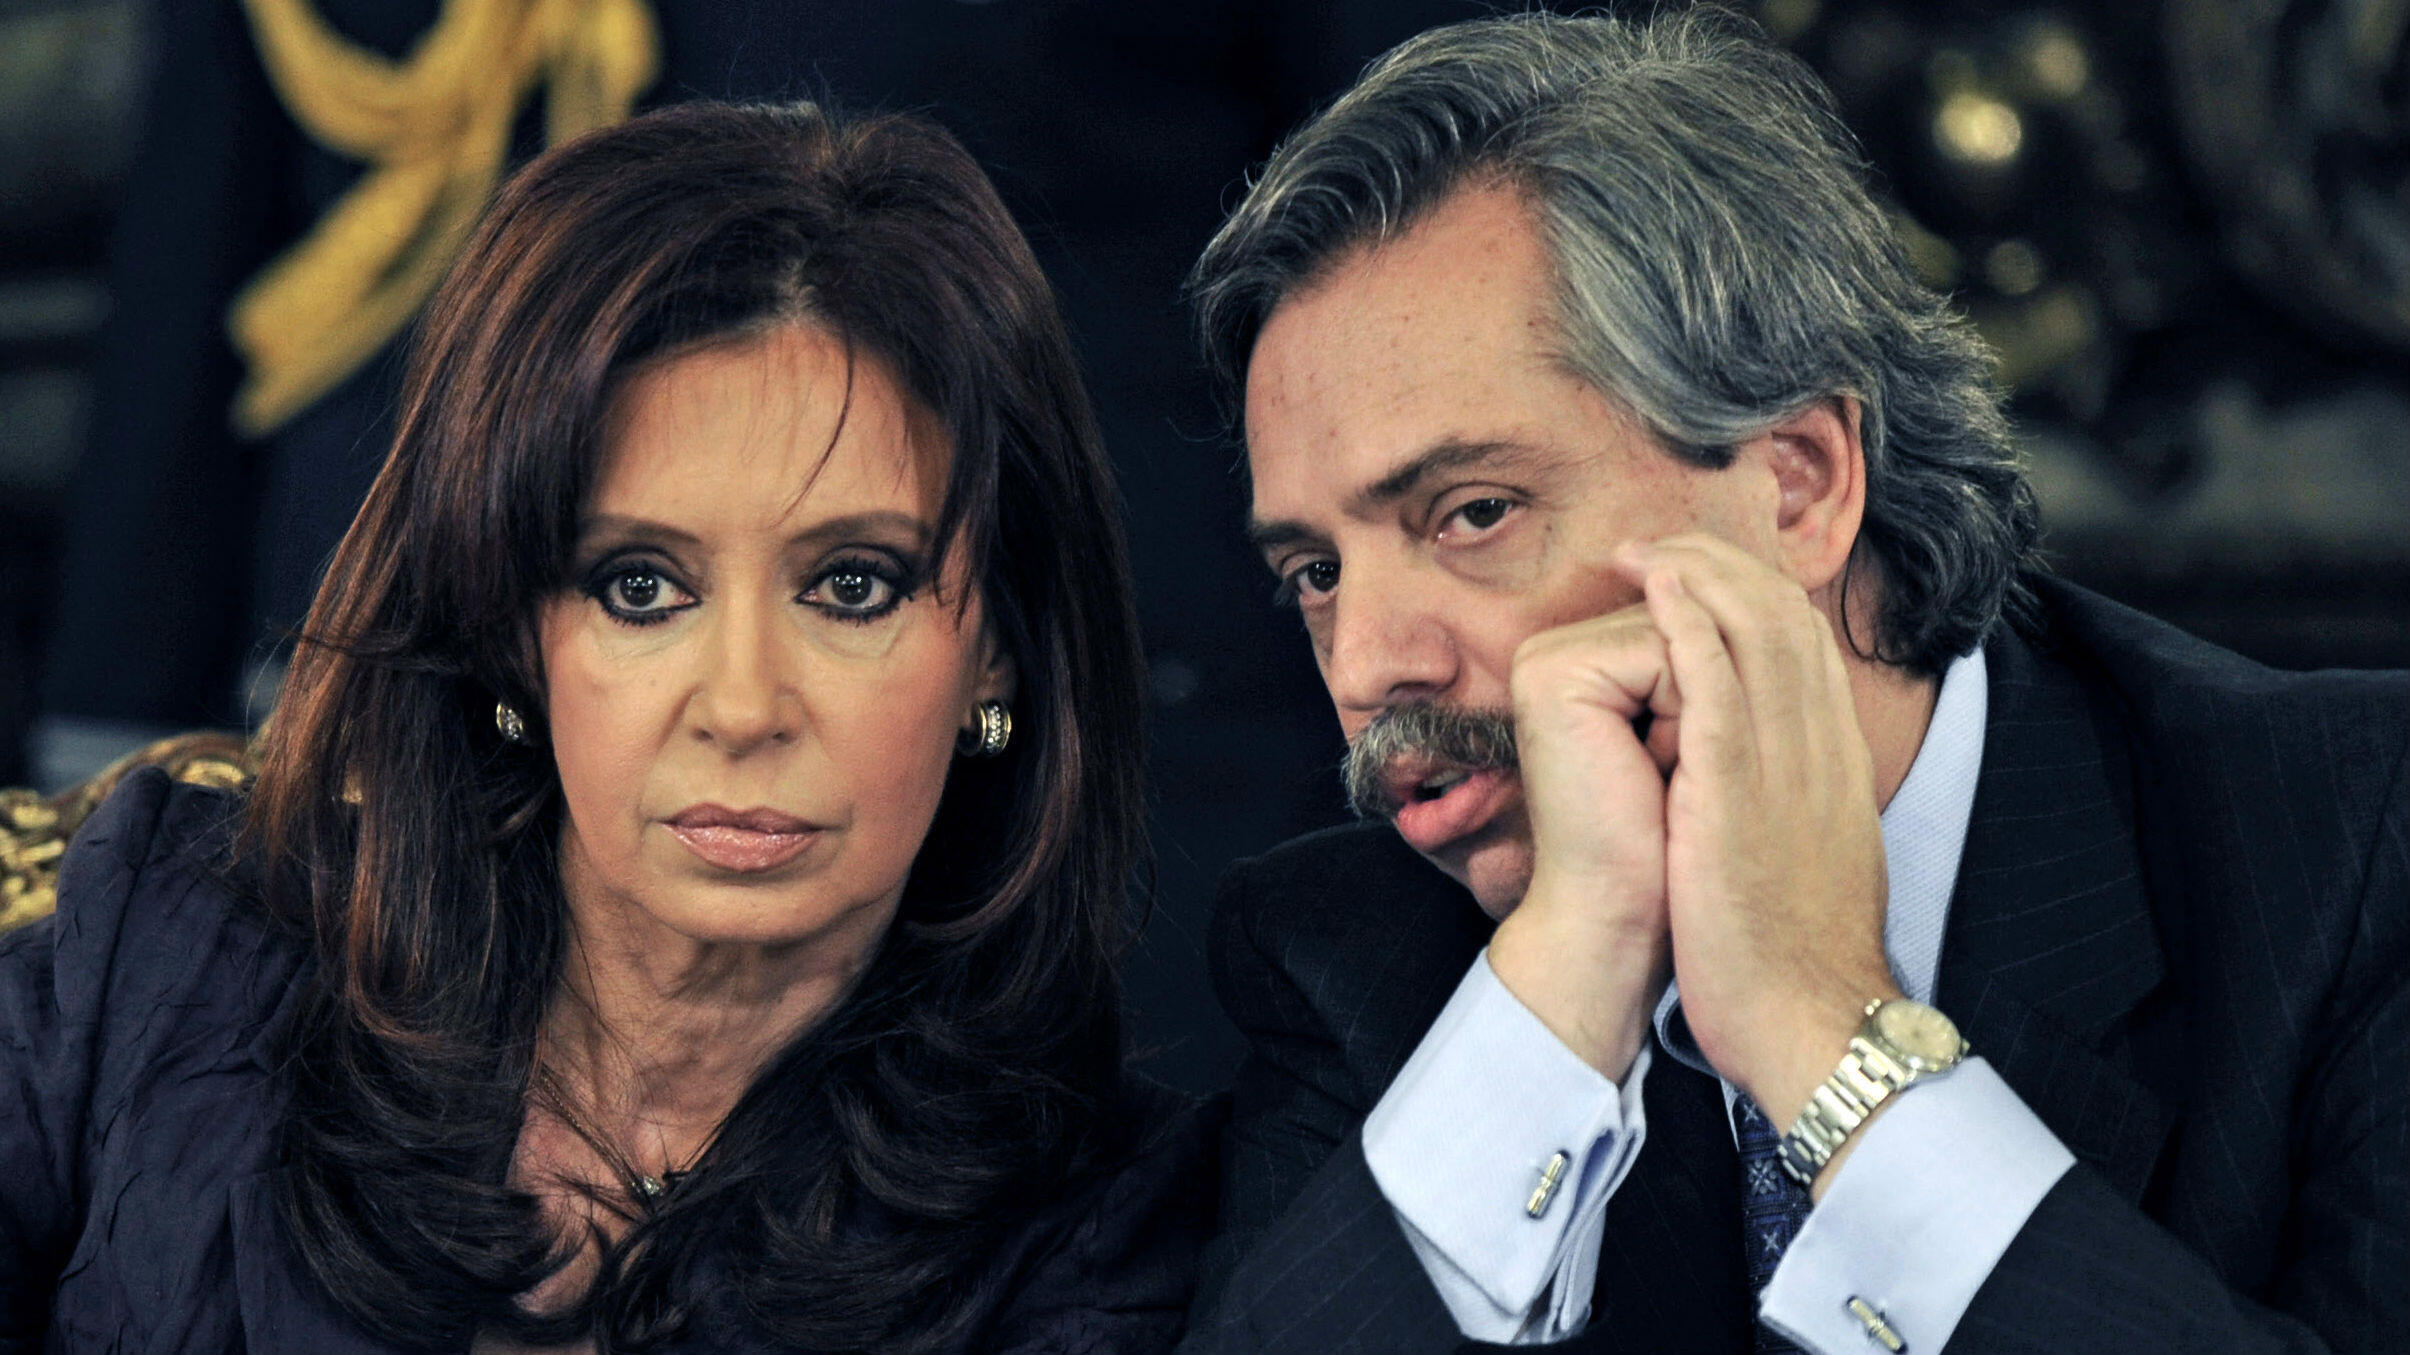 La expresidenta argentina, Cristina Fernández de Kirchner (izquierda) escucha al entonces jefe de gabinete Alberto Fernández, antes de hablar sobre la huelga agrícola en Buenos Aires. El 31 de marzo de 2008.